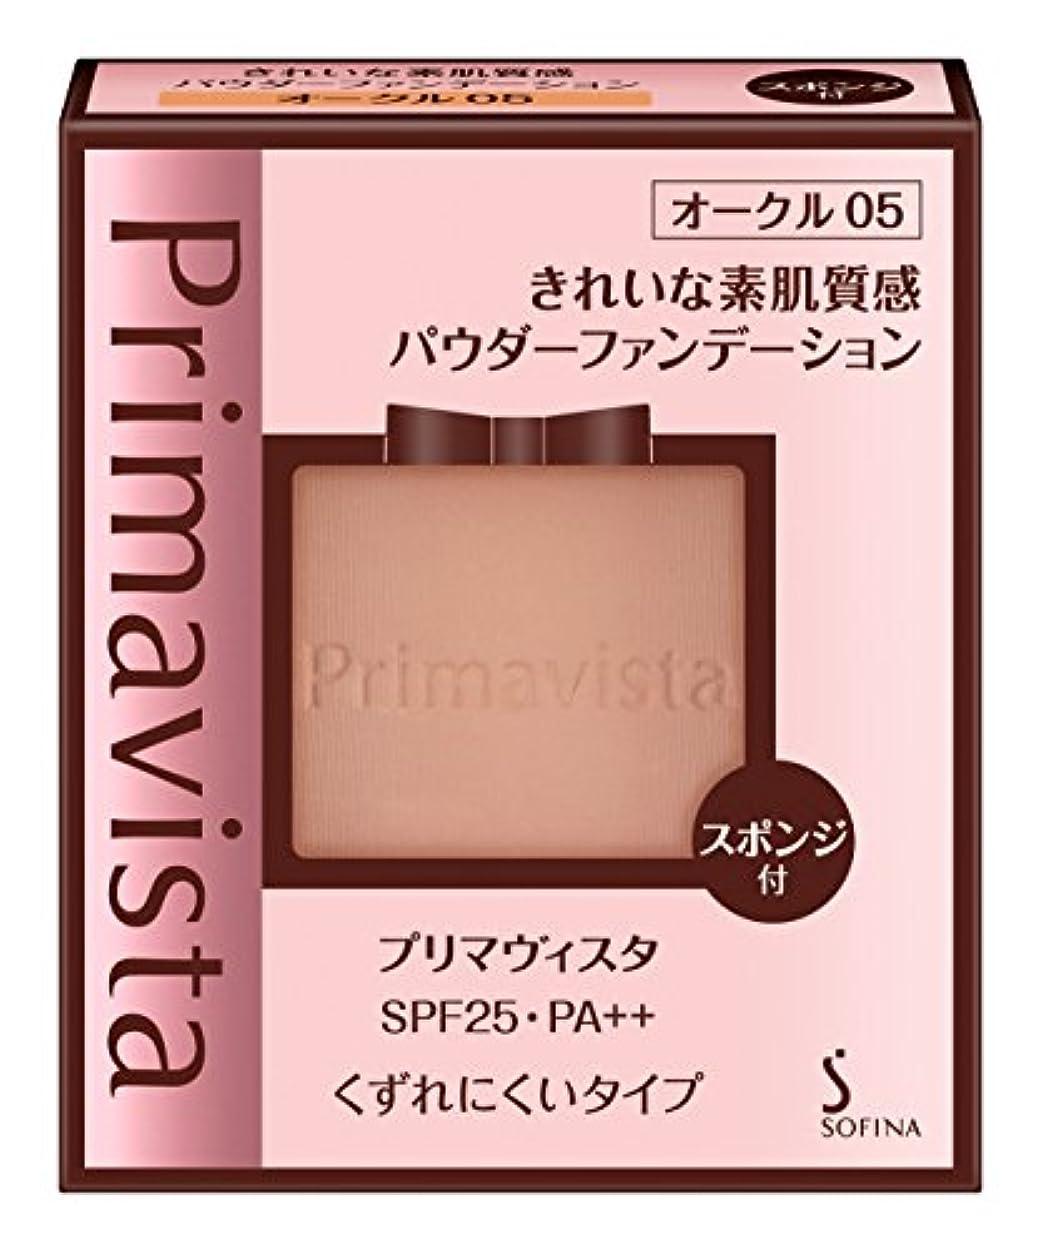 束ねる怒って引っ張るプリマヴィスタ きれいな素肌質感パウダーファンデーション オークル05 SPF25 PA++ 9g